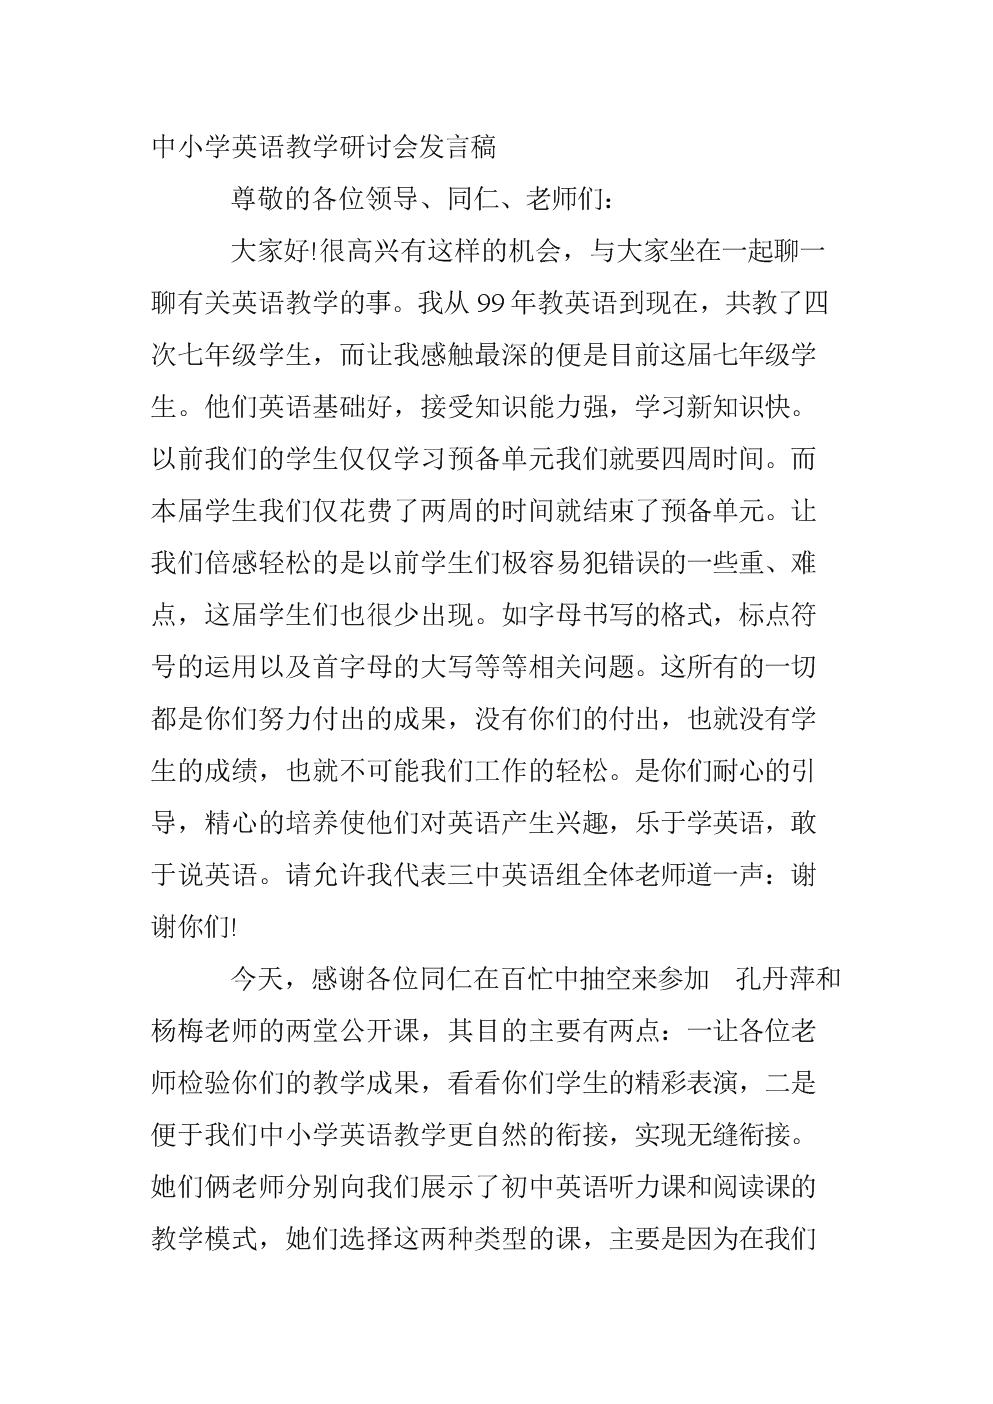 中小学英语教学研讨会发言稿.doc